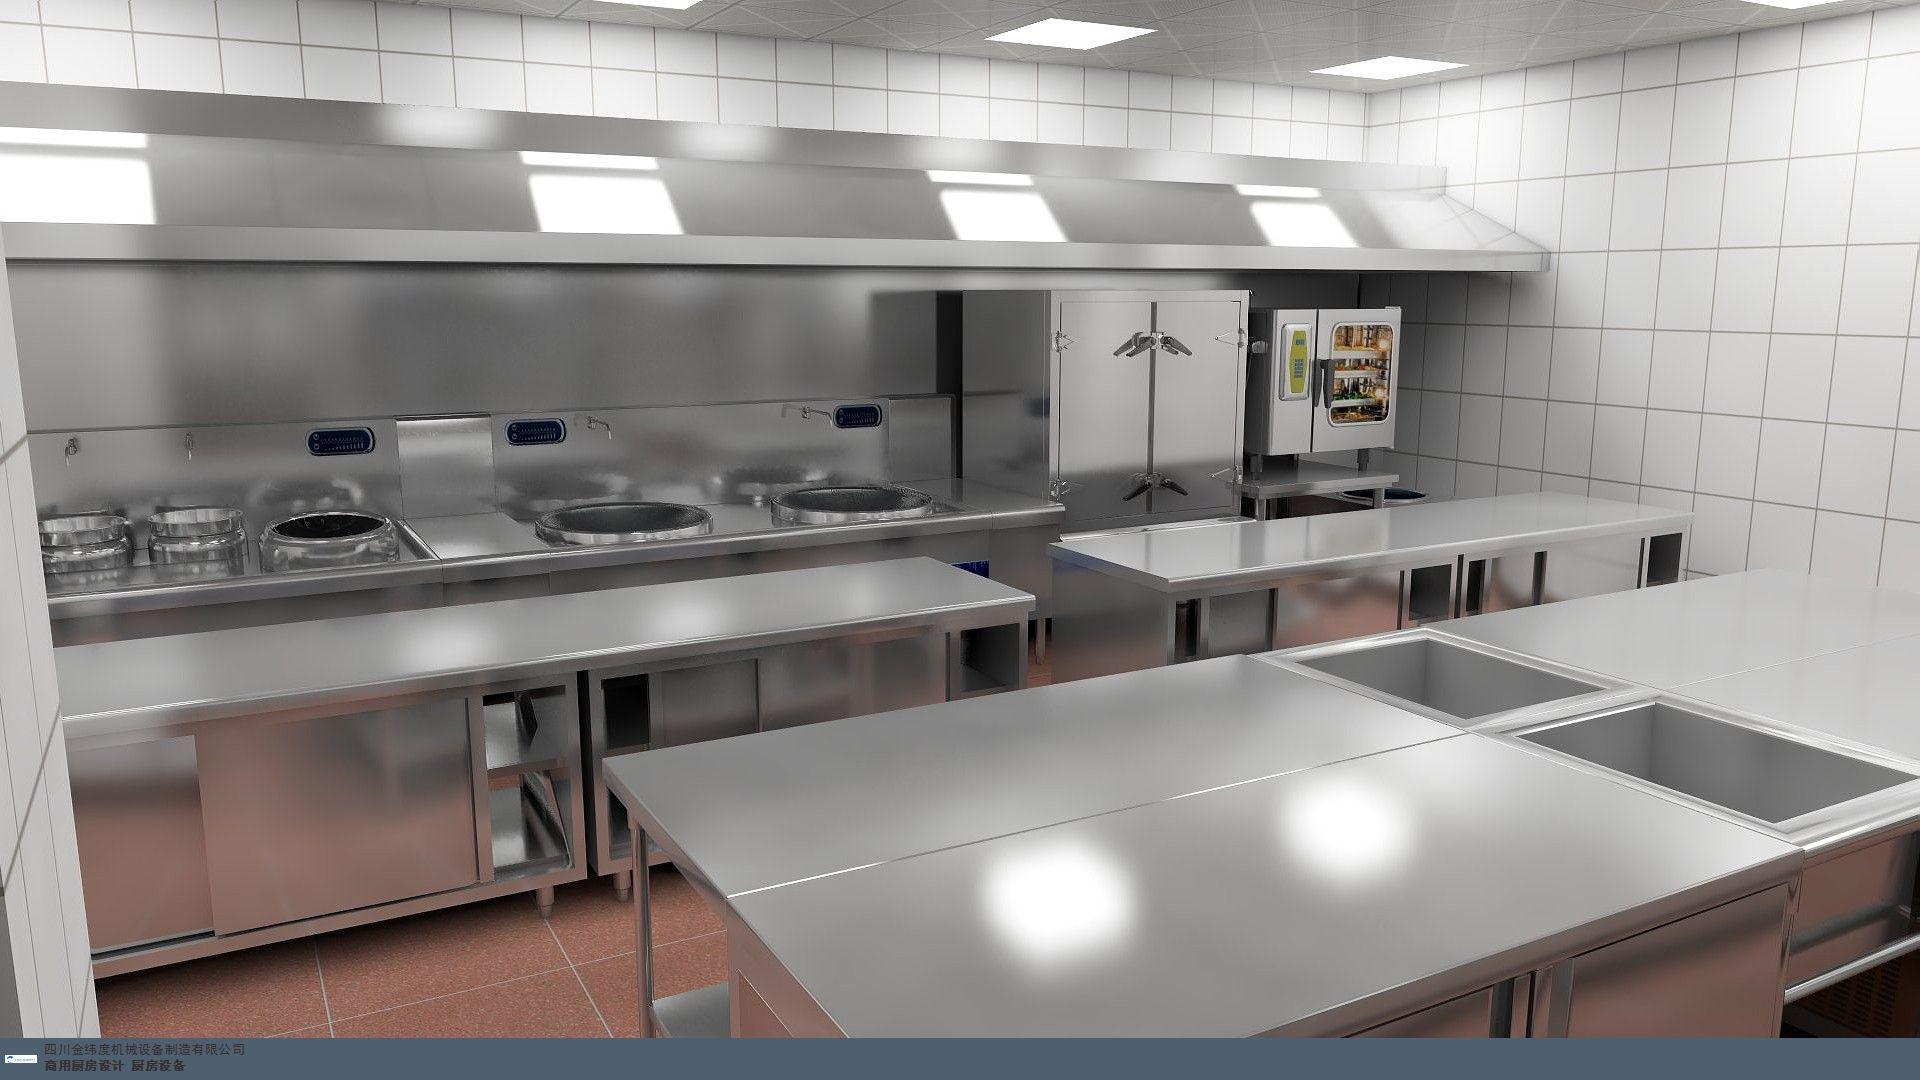 如何增加商用厨房设备节能效果以及减少浪费